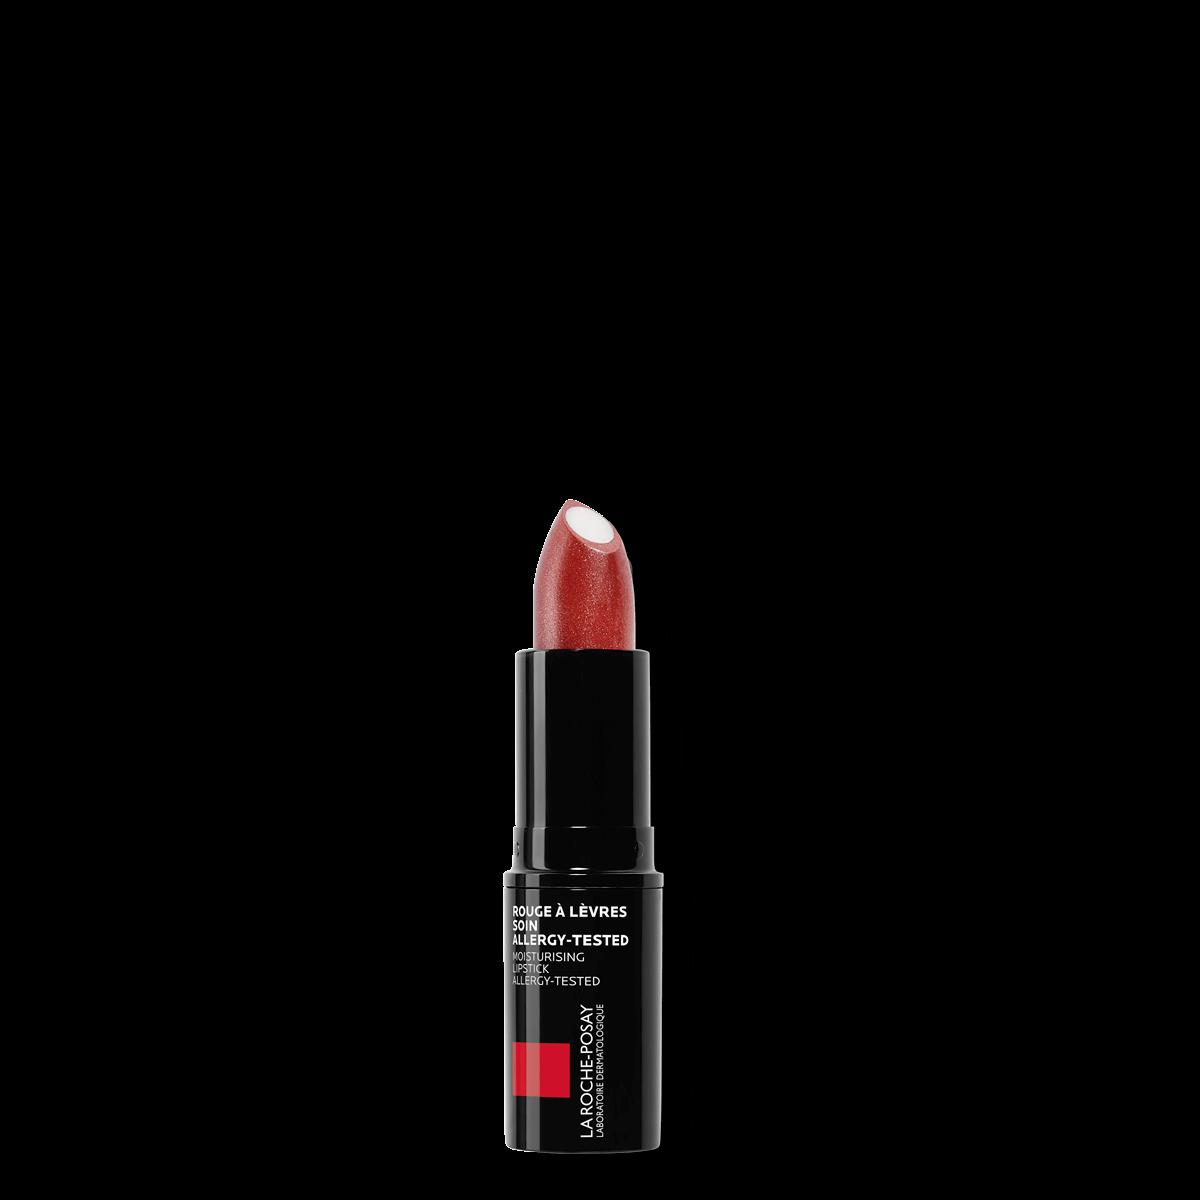 La Roche Posay Sensitiv Toleriane Sminke NOVALIP 22Cassisfestif 3009